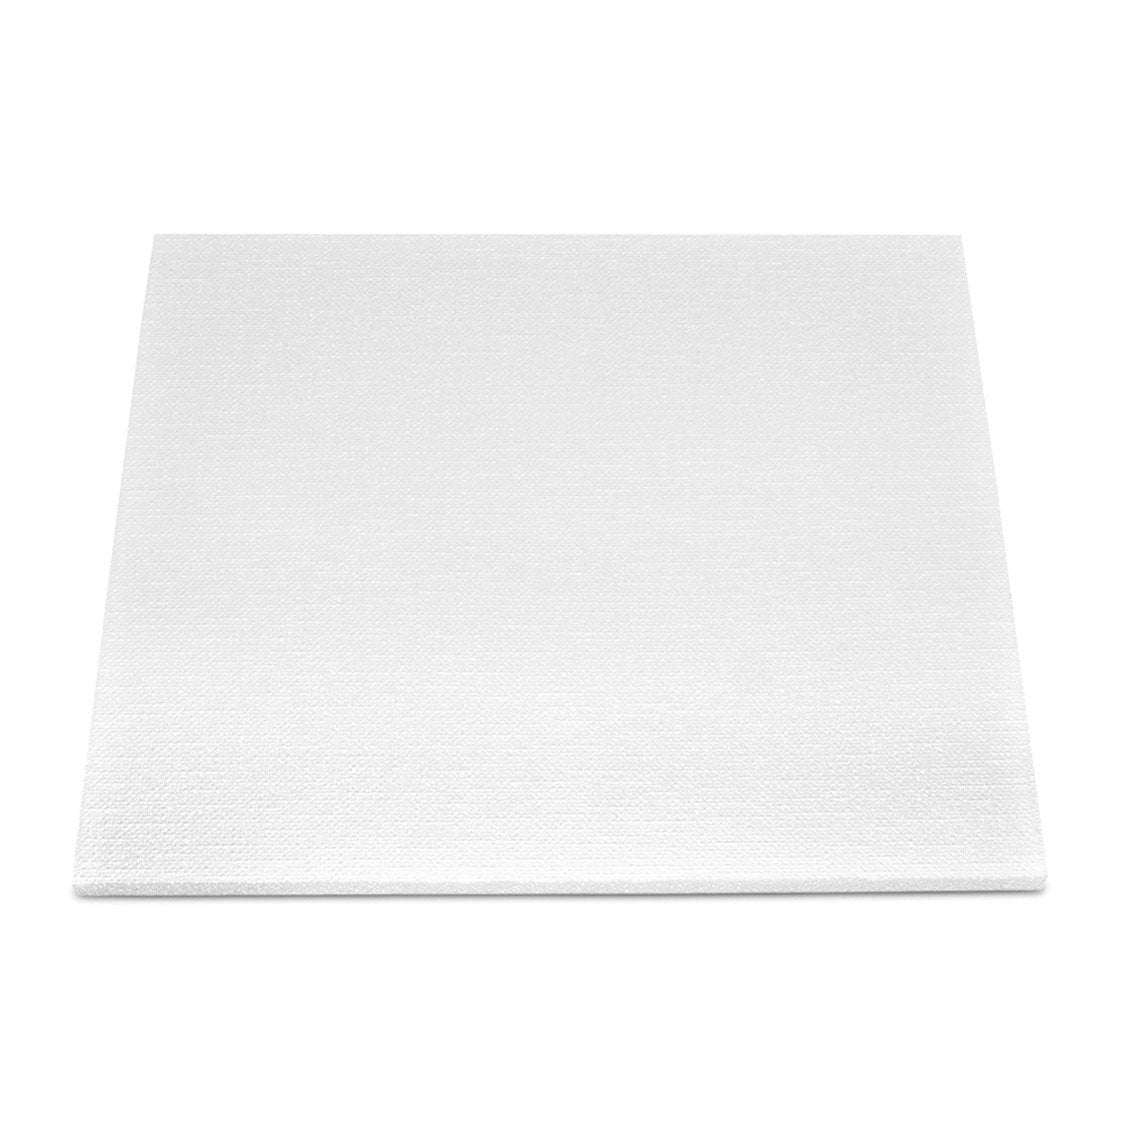 Dalles isolantes pour plafond polystyrene id es de d coration et de mobilie - Dalle polystyrene plafond ...